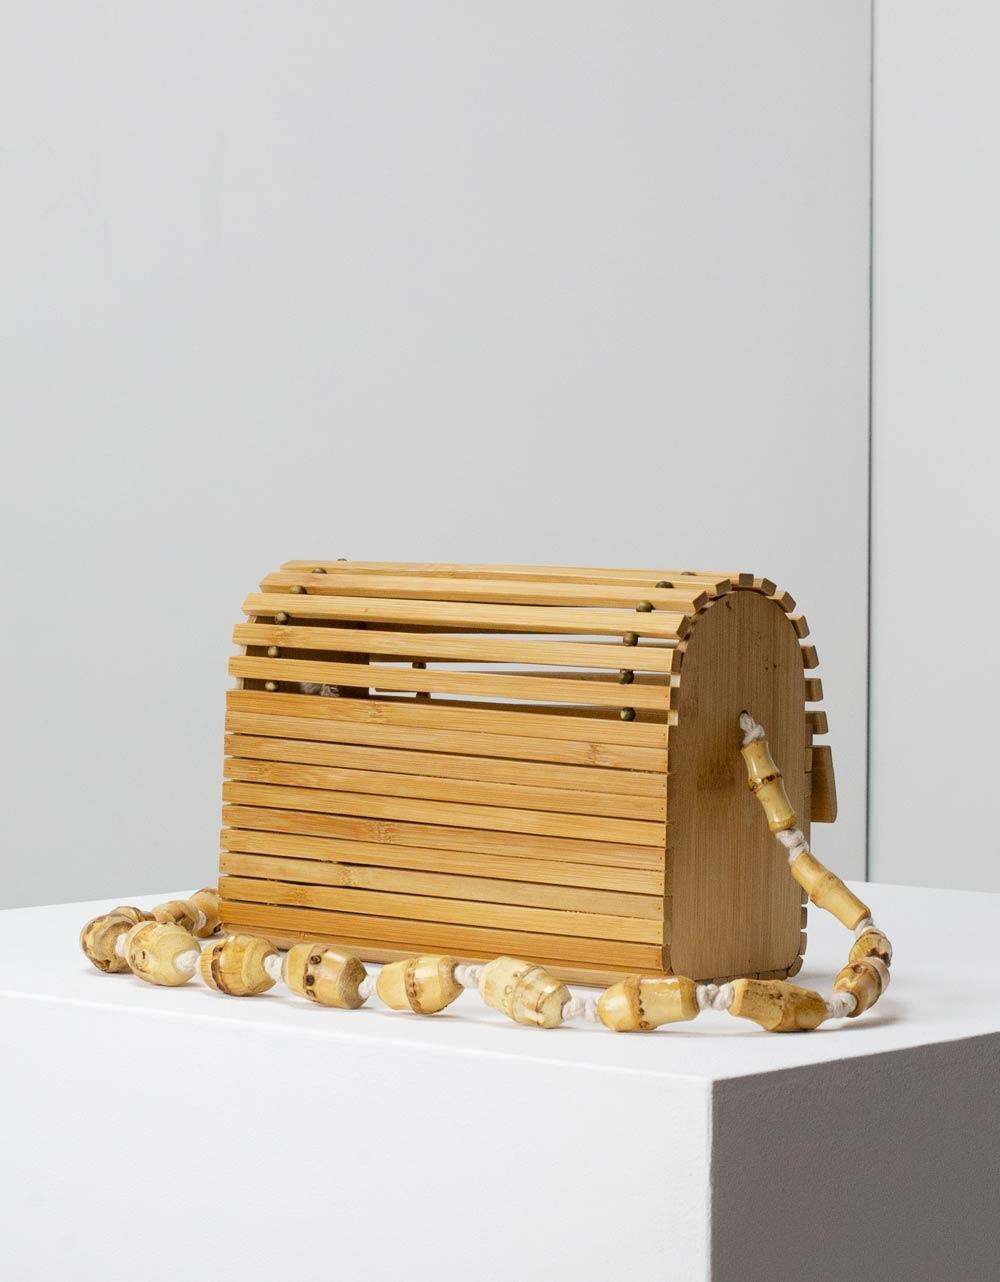 Εικόνα από Γυναικεία τσάντα ώμου Bamboo σε τετράγωνο σχήμα Φυσικό